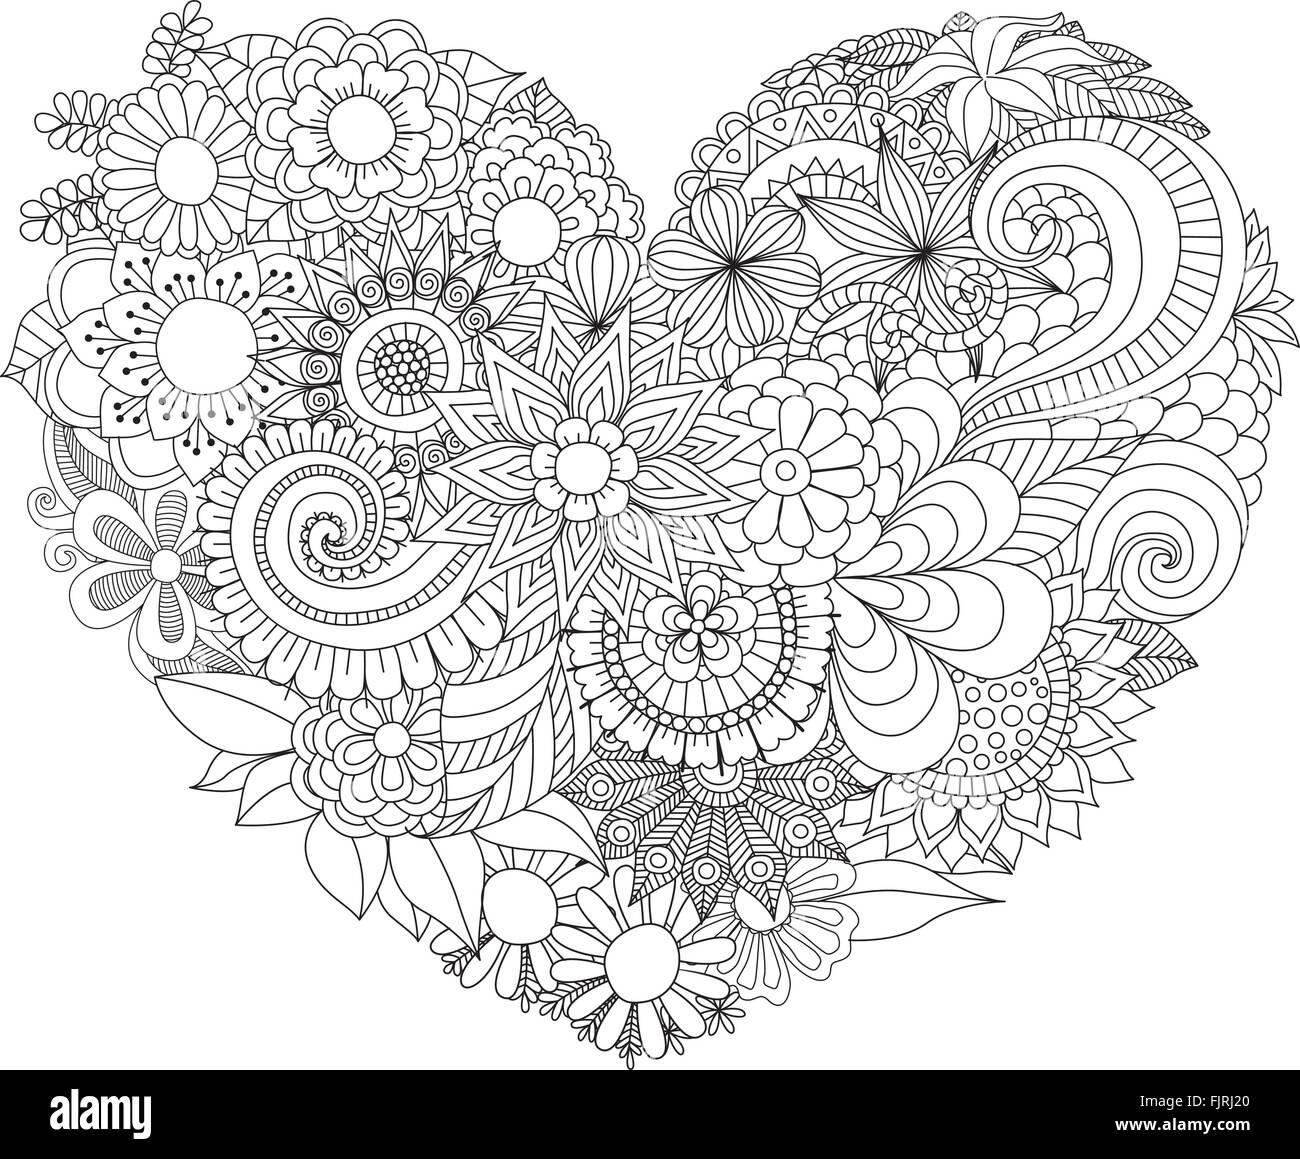 Coloriage Adulte Coeur.Line Art Design De Belles Fleurs En Forme De Coeur Pour La Carte